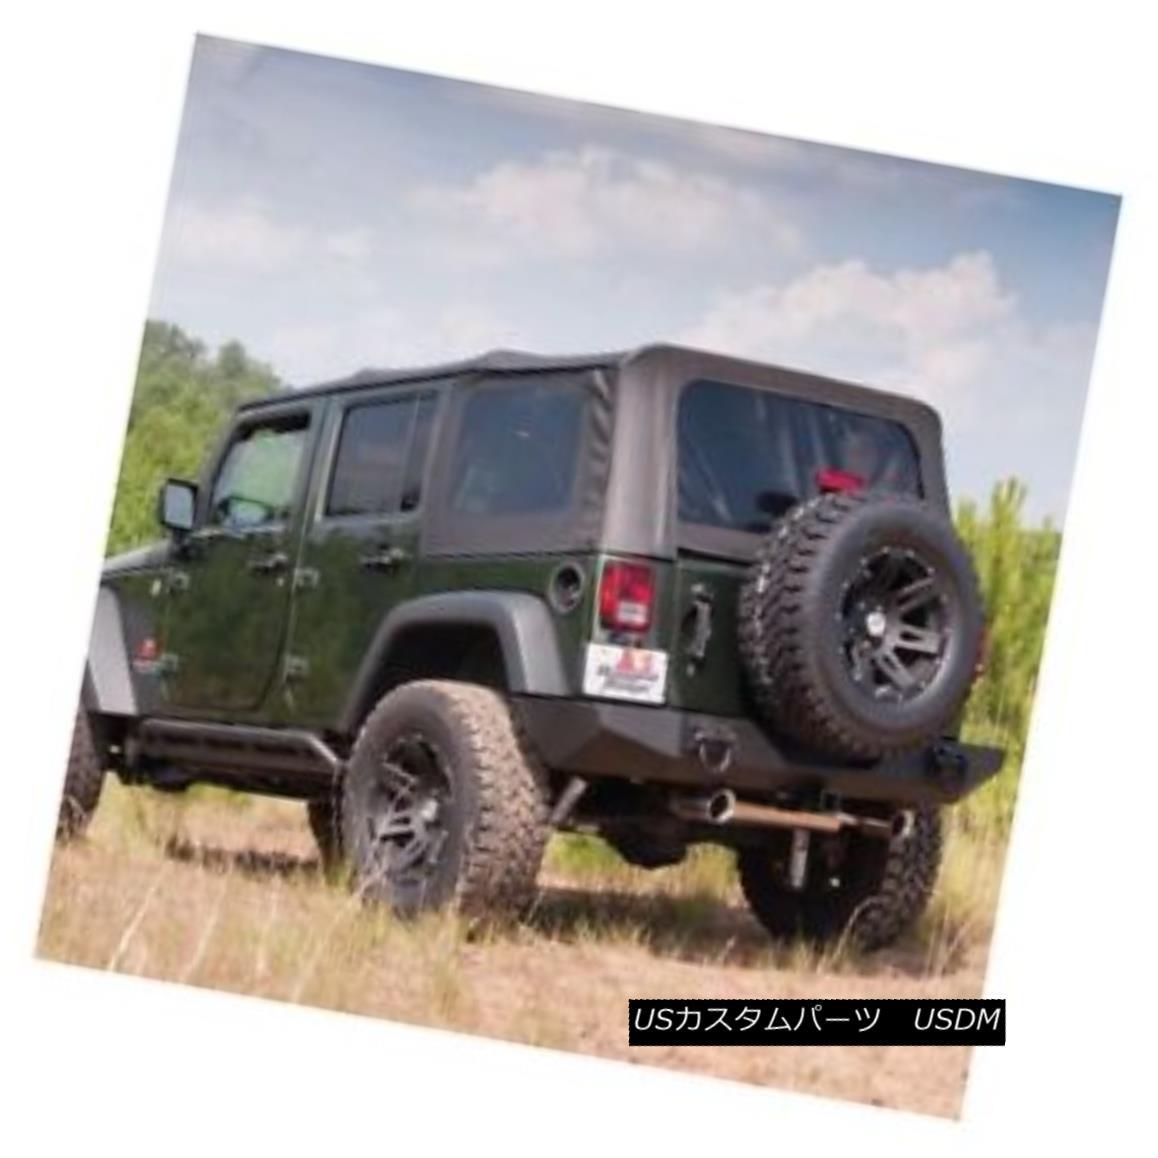 幌・ソフトトップ Rugged Ridge XHD Spring Assist Soft Top-Black, 07-09 Wrangler JK 4dr.; 13741.11 Rugged Ridge XHDスプリングアシストソフトトップブラック、07-09 Wrangler JK 4dr .; 13741.11